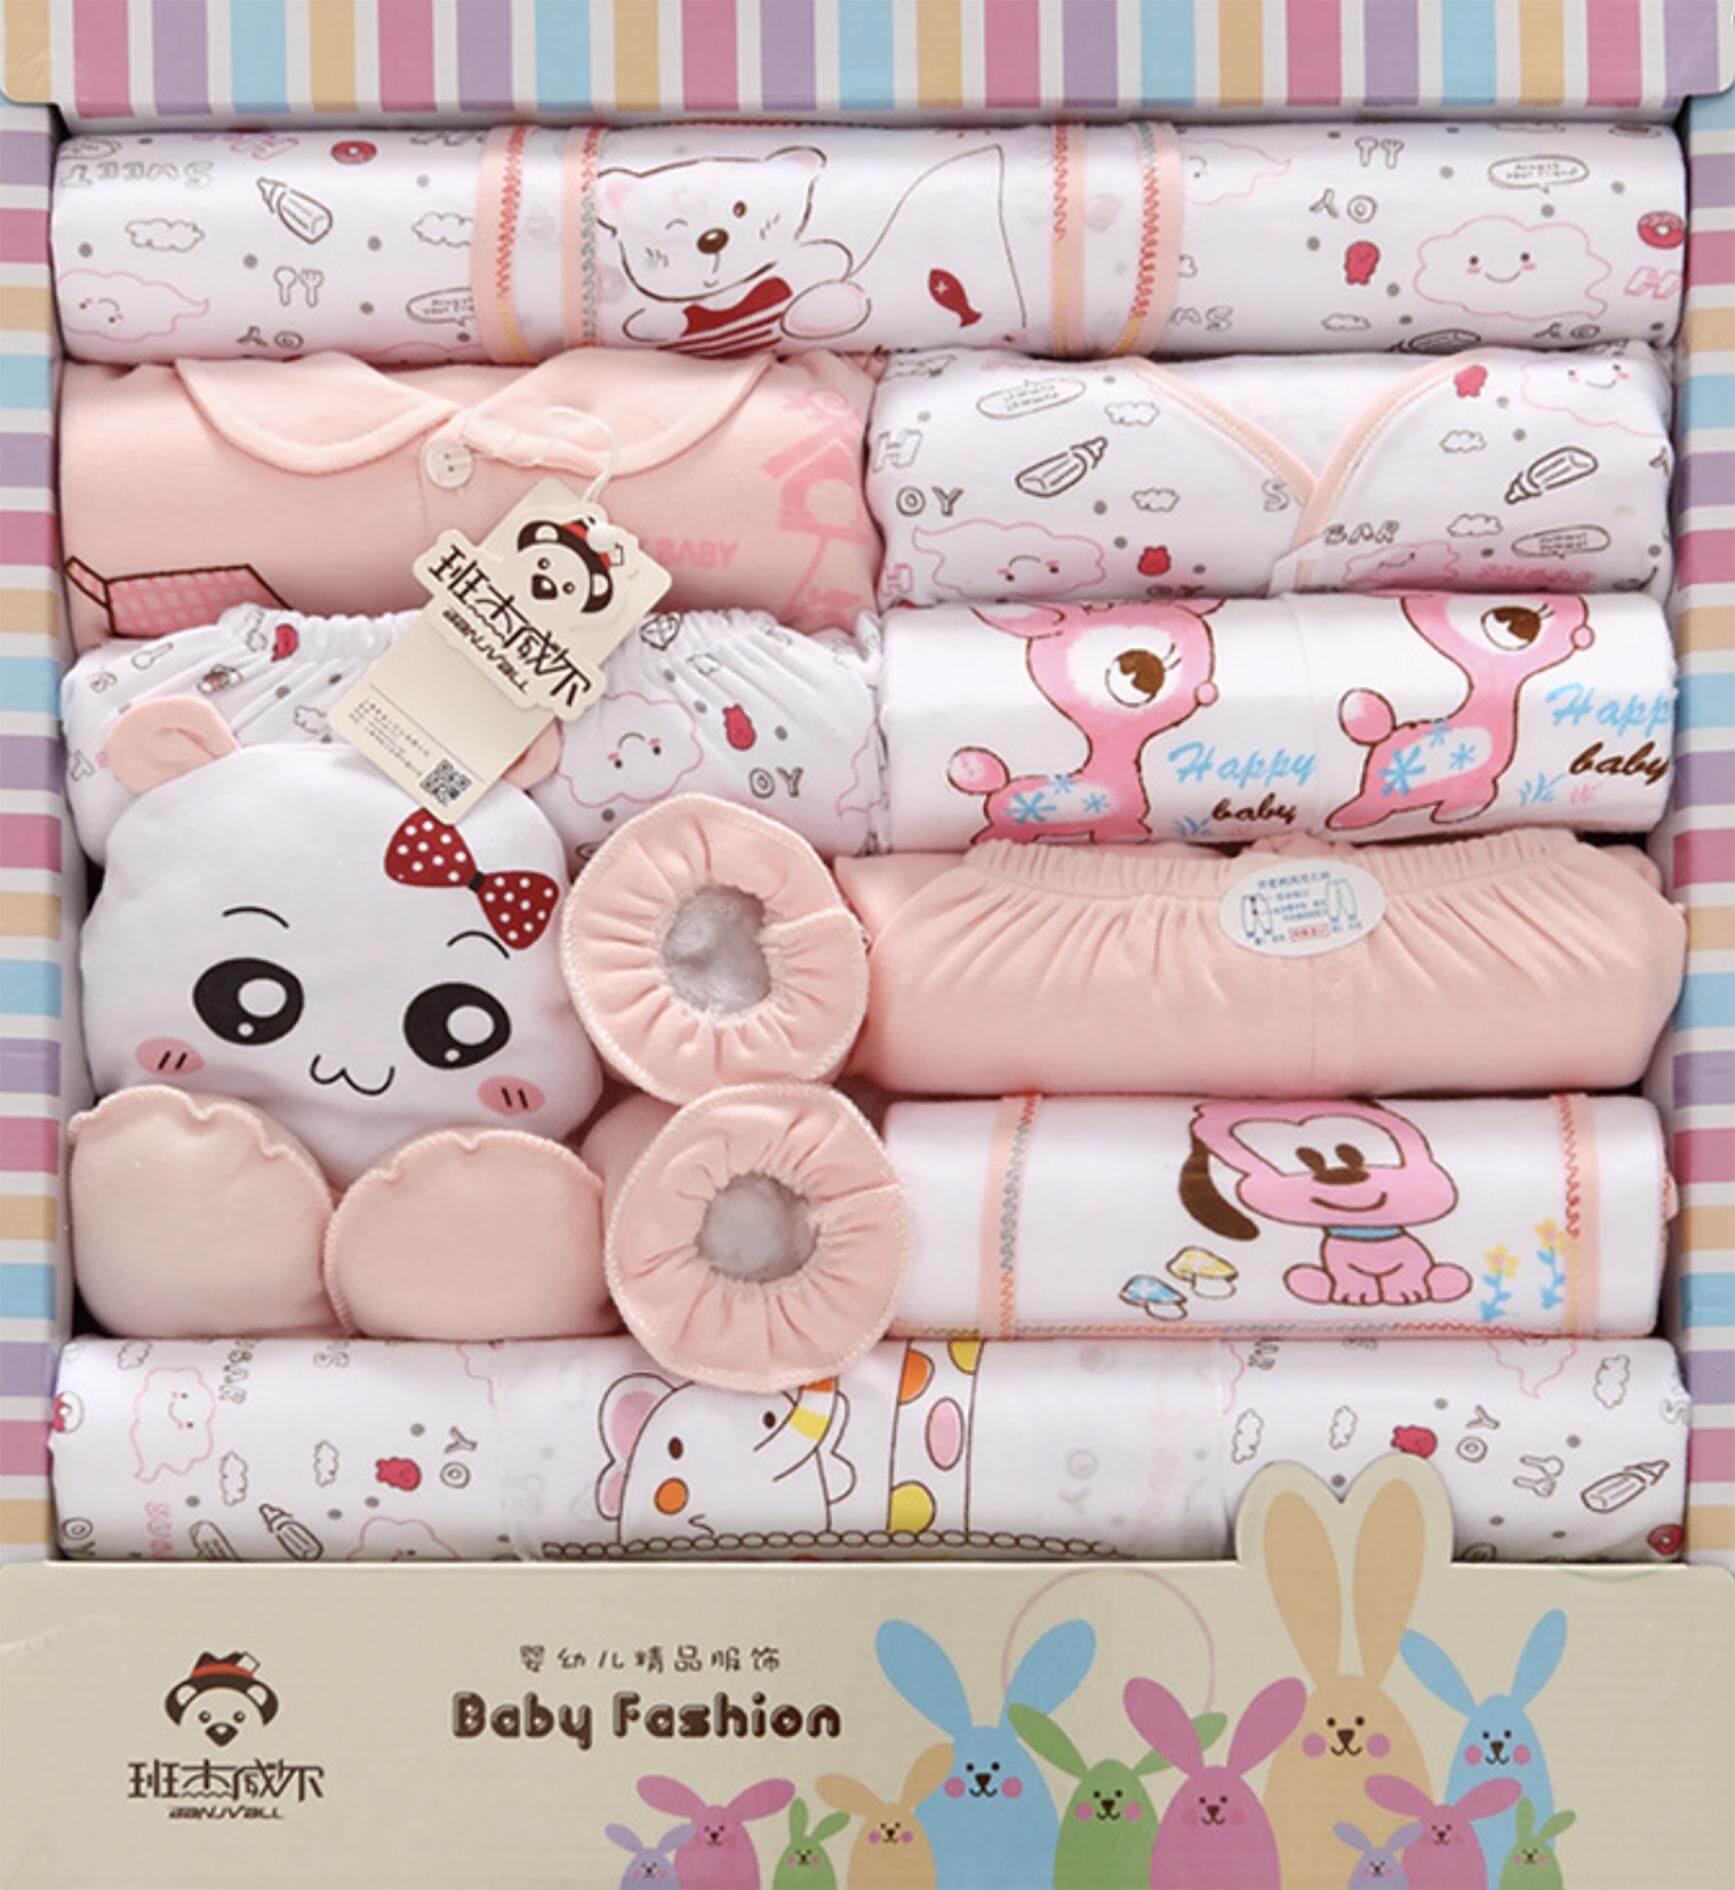 แนะนำ Baby ชุดของขวัญสำหรับเด็กอ่อน 18 ชิ้น หนาพิเศษ(แพ็คกล่องตามรูป100%)